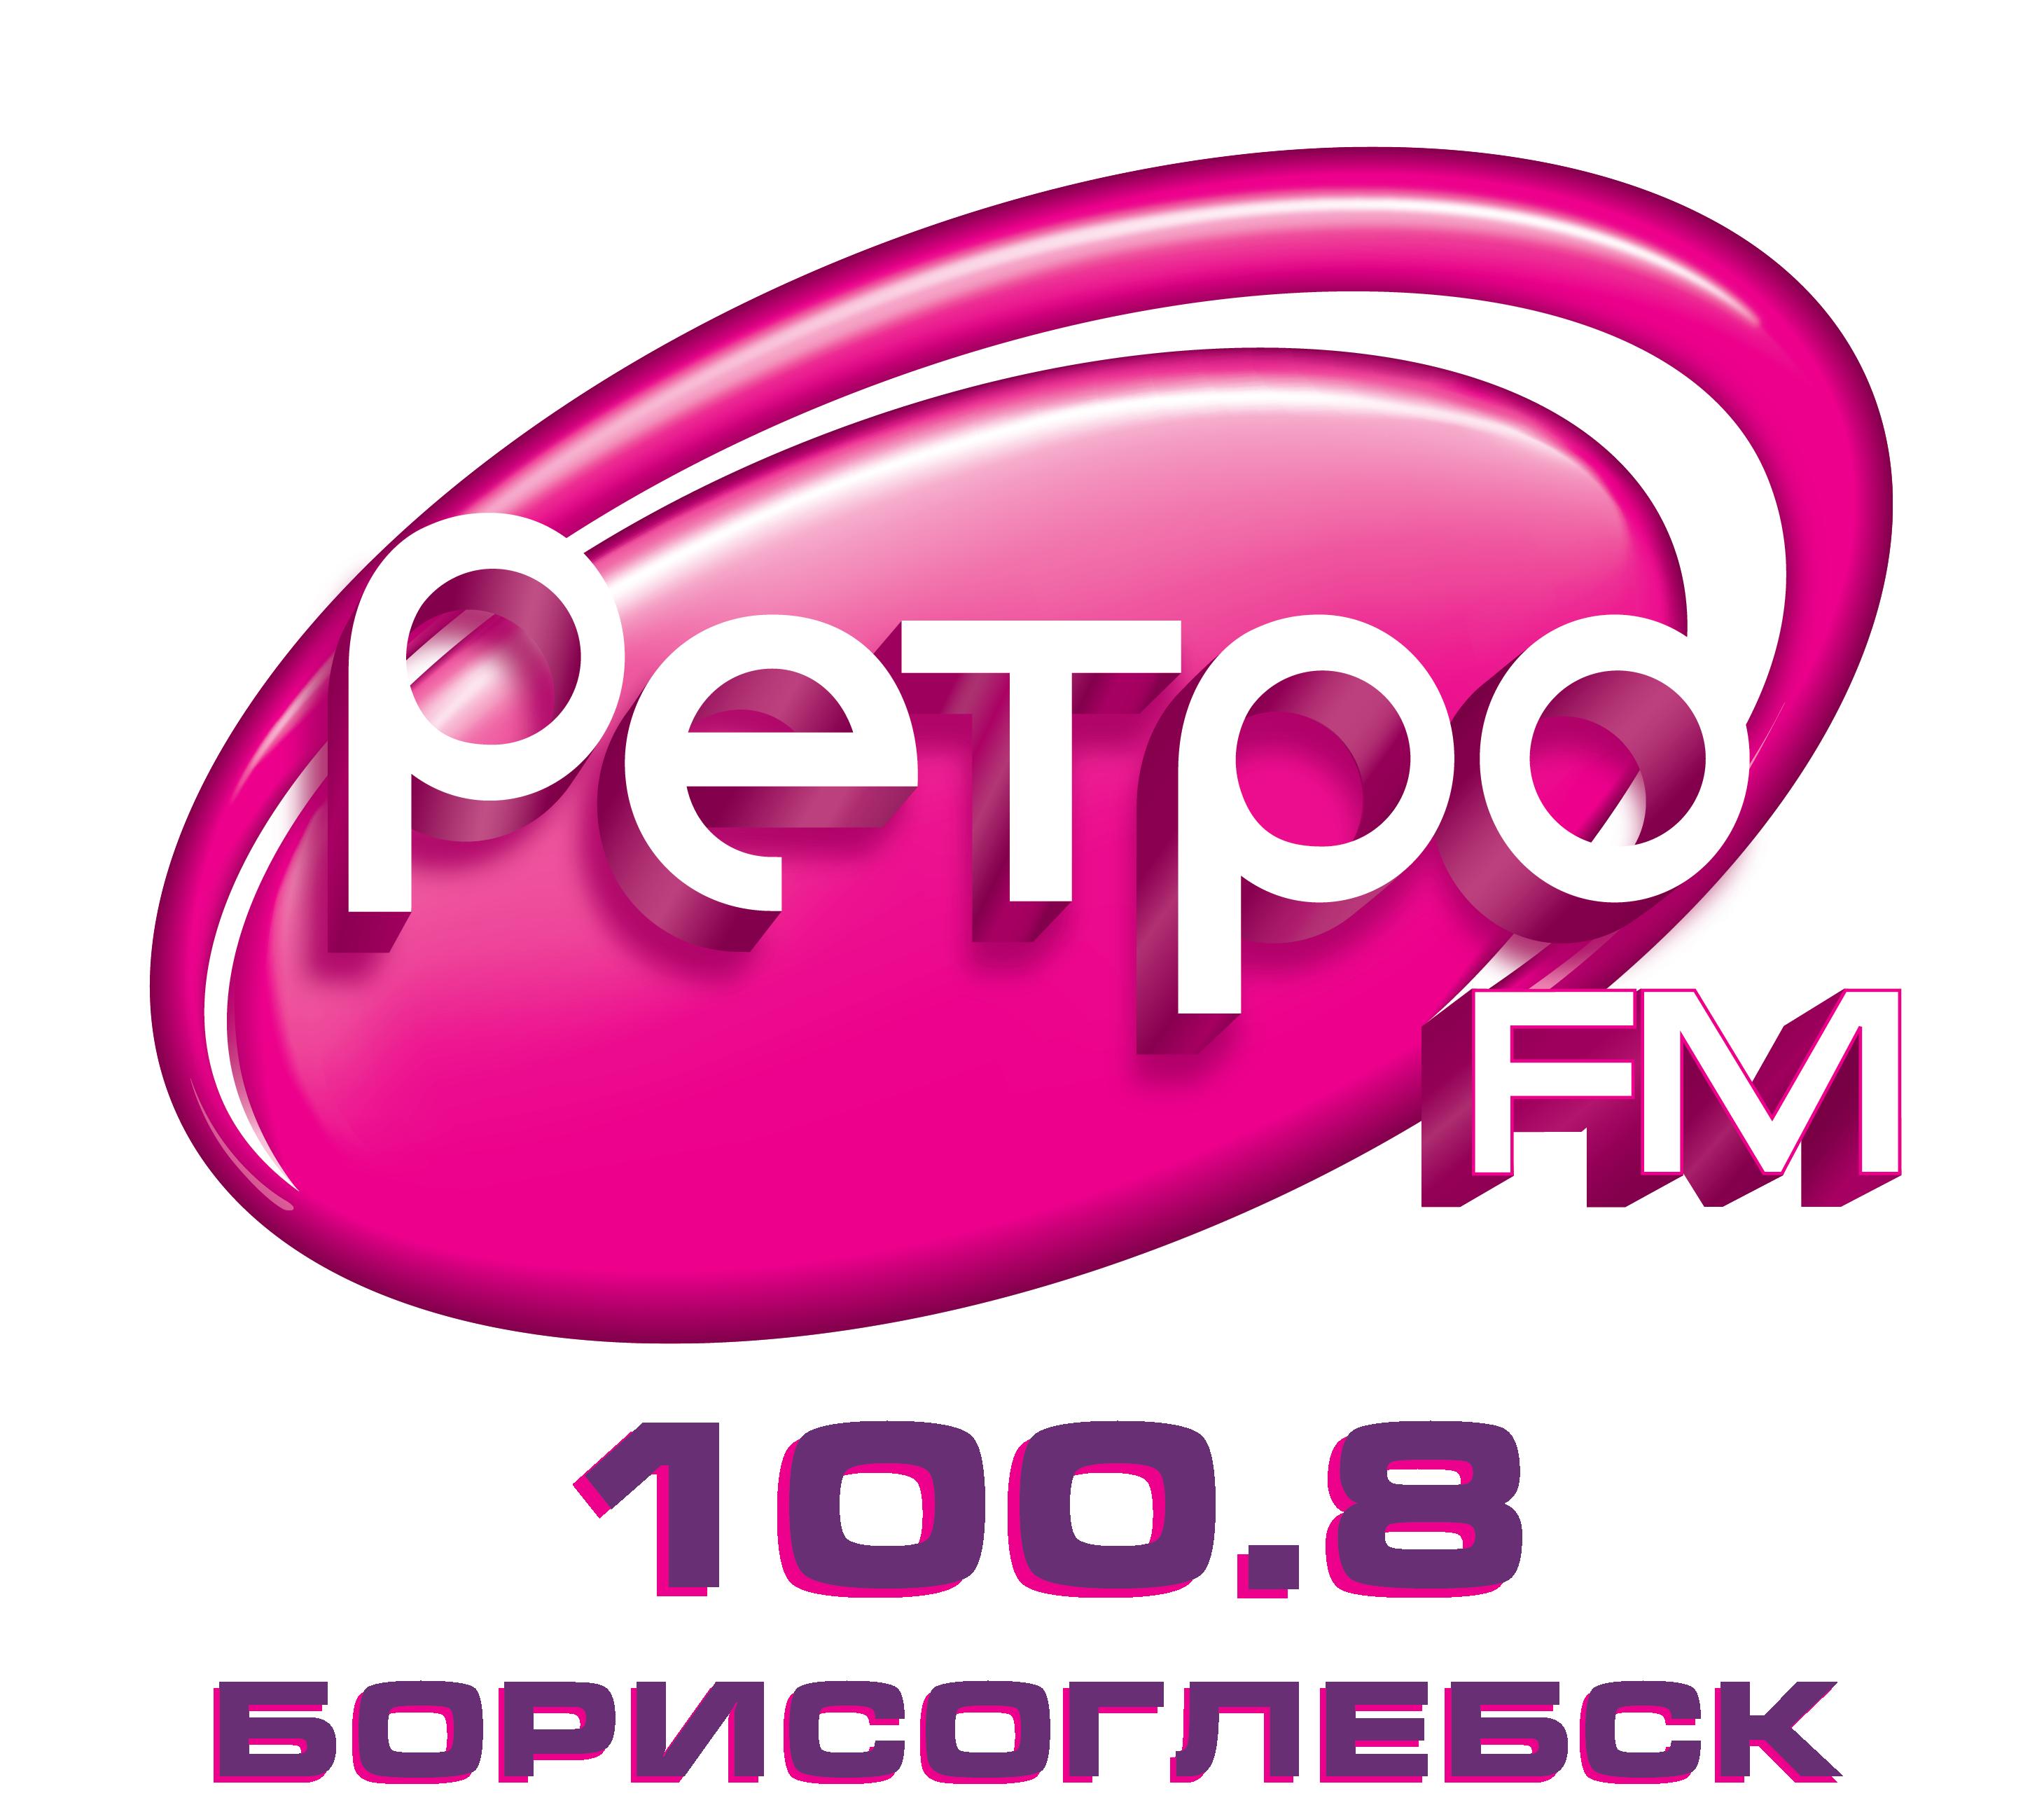 Цены Ретро ФМ Борисоглебск